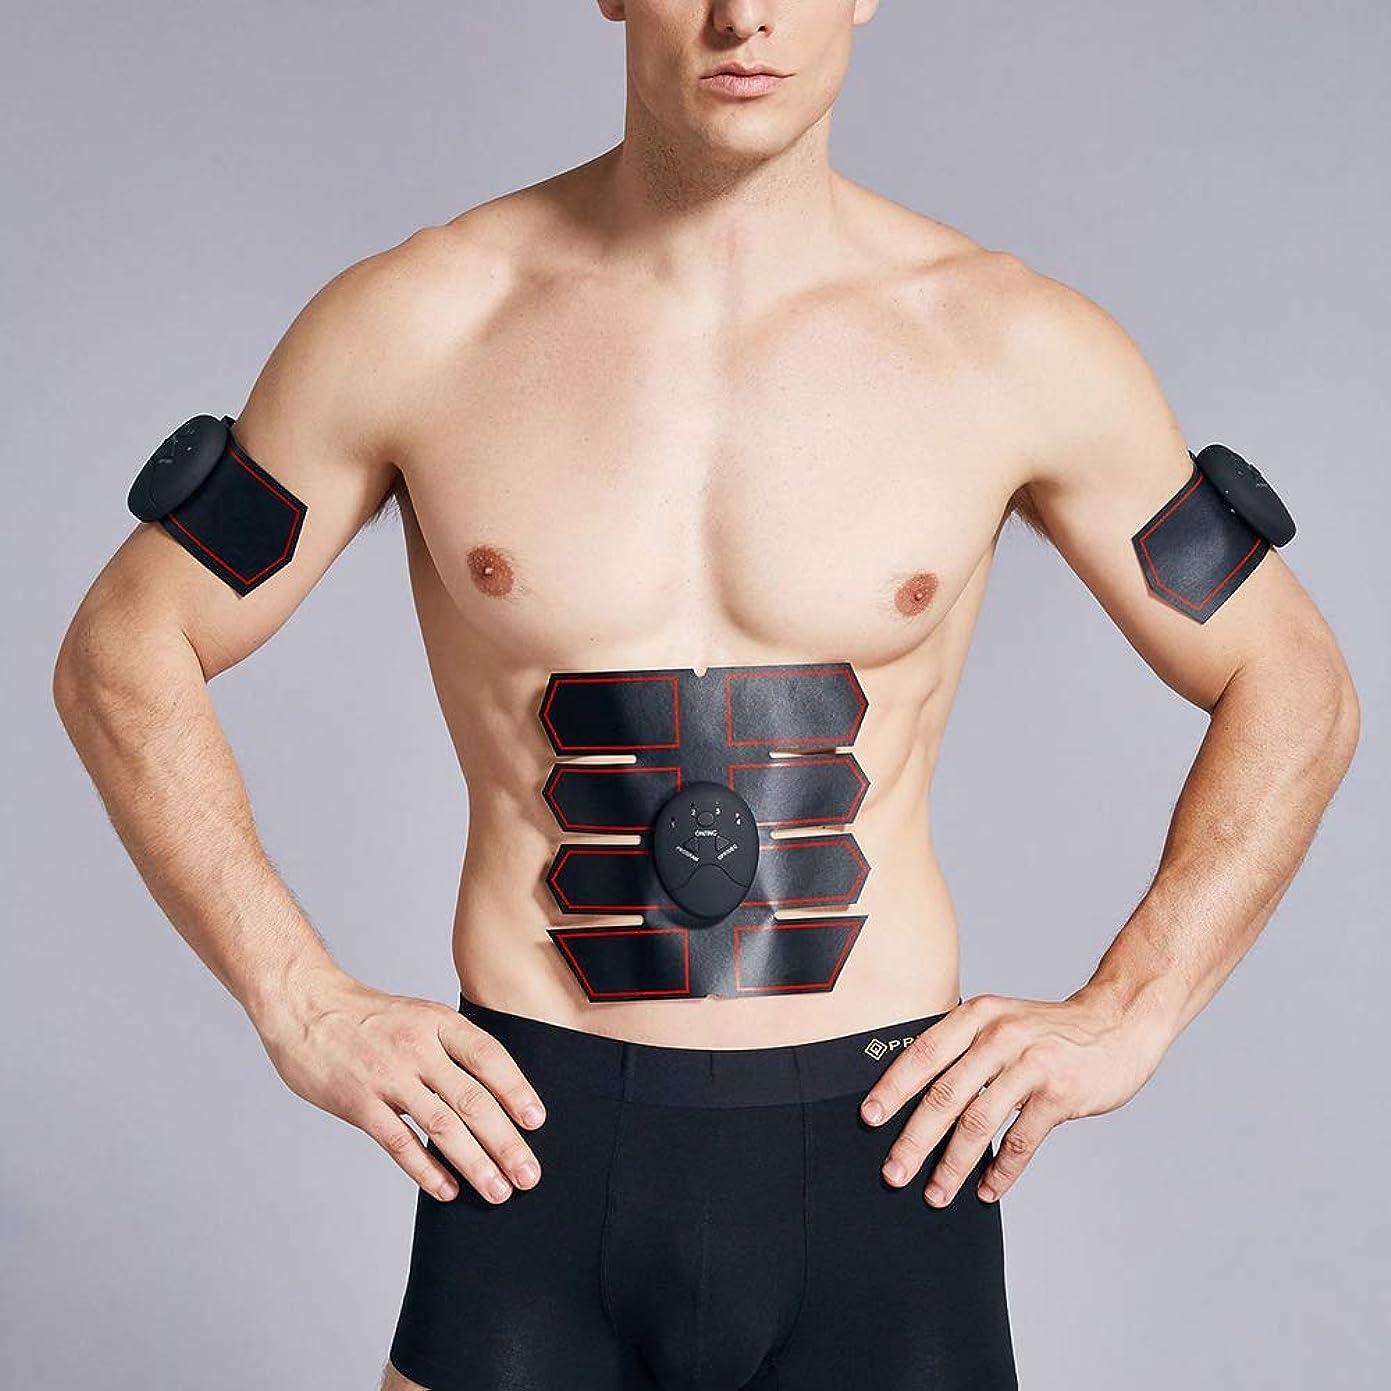 布不条理稼ぐ新しい腹筋トレーナーEMSワイヤレス筋肉刺激装置体重減少腹部トレーナー美容機全身マッサージエクササイズフィットネス機器ユニセックス,Black